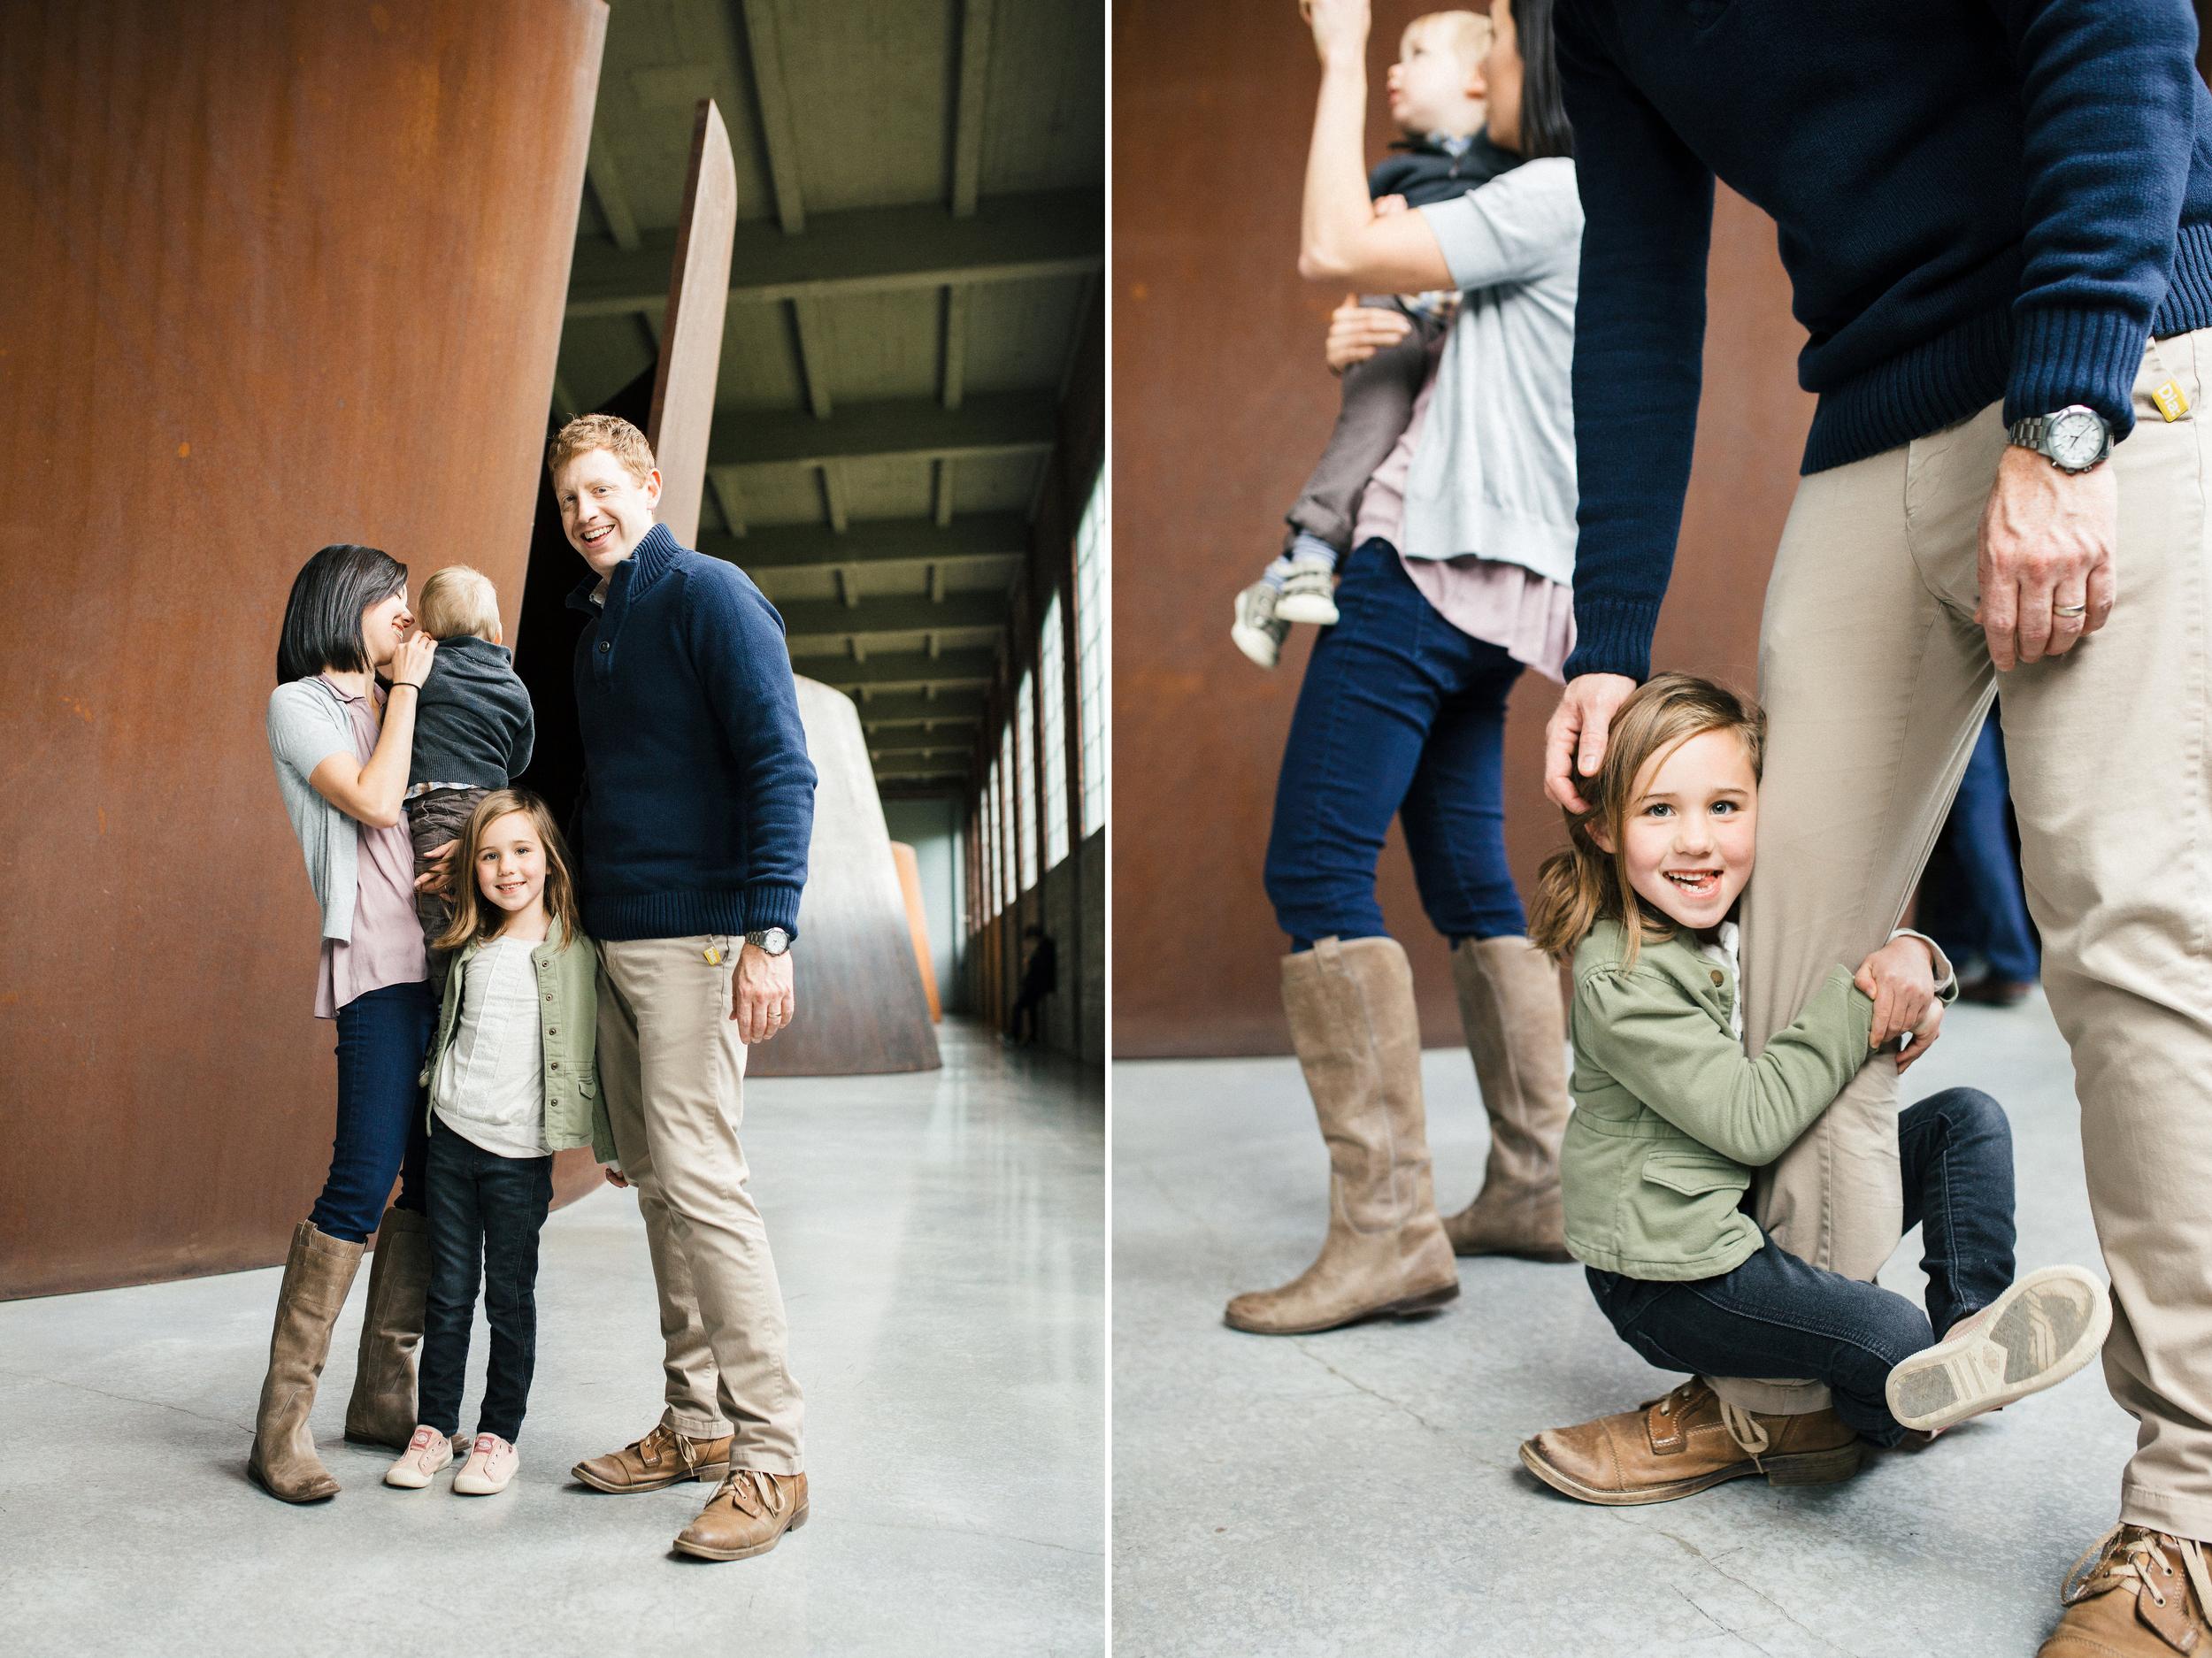 dia-beacon-family-photography_hudson-valley-ny-brooklyn-2.jpg